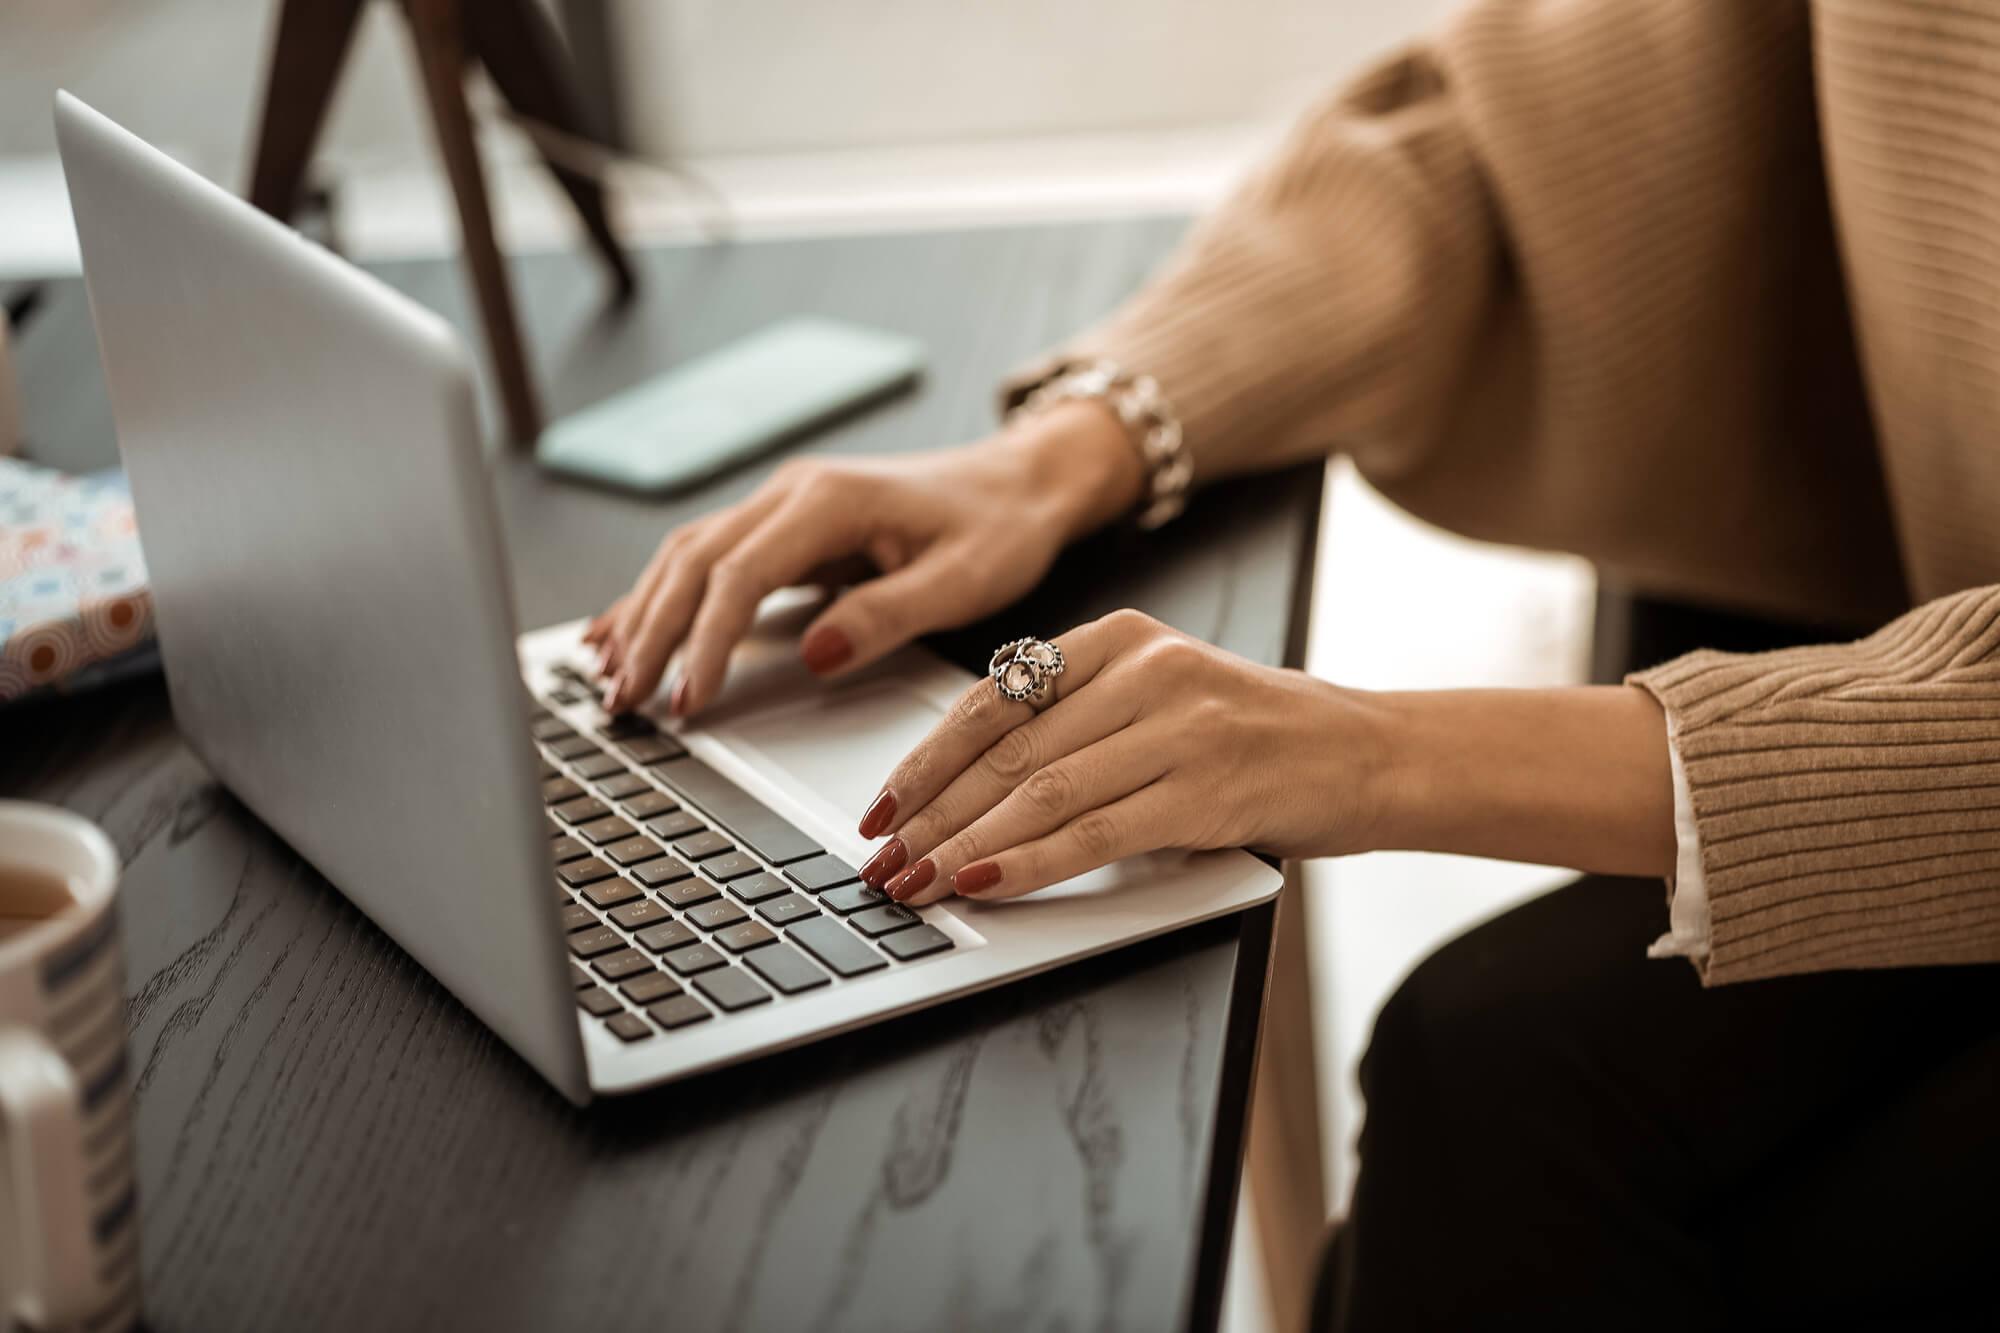 他の特技や経験と掛け合わせて文章で稼ぐ